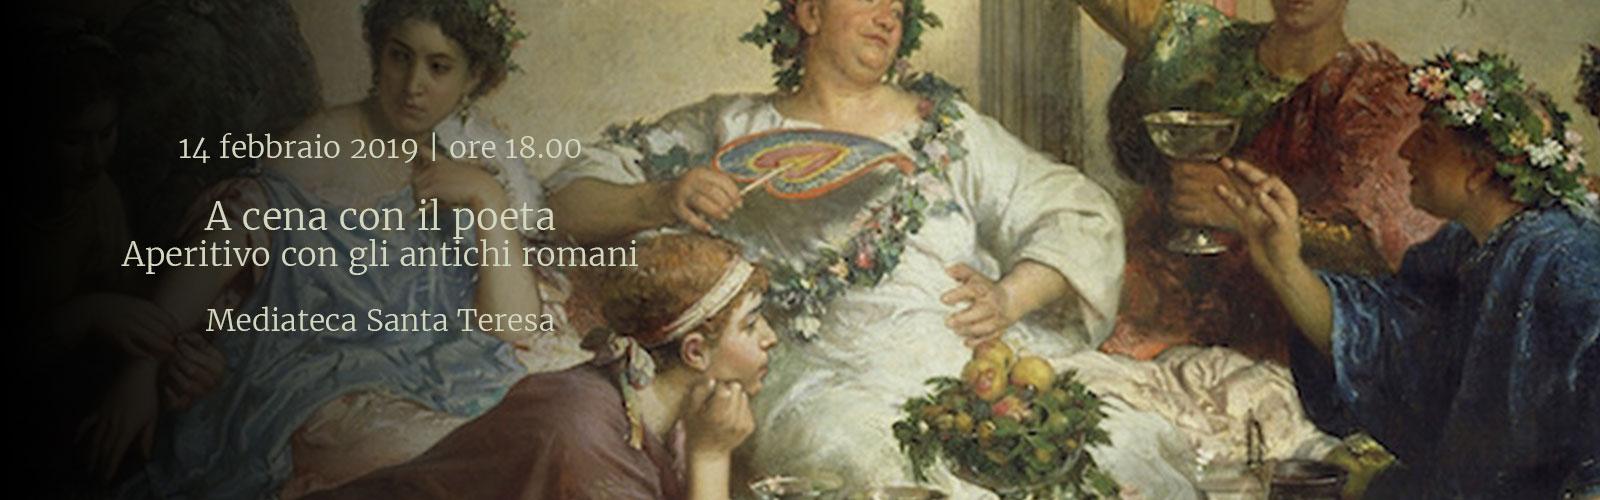 A cena con il poeta<br>Aperitivo con gli antichi Romani